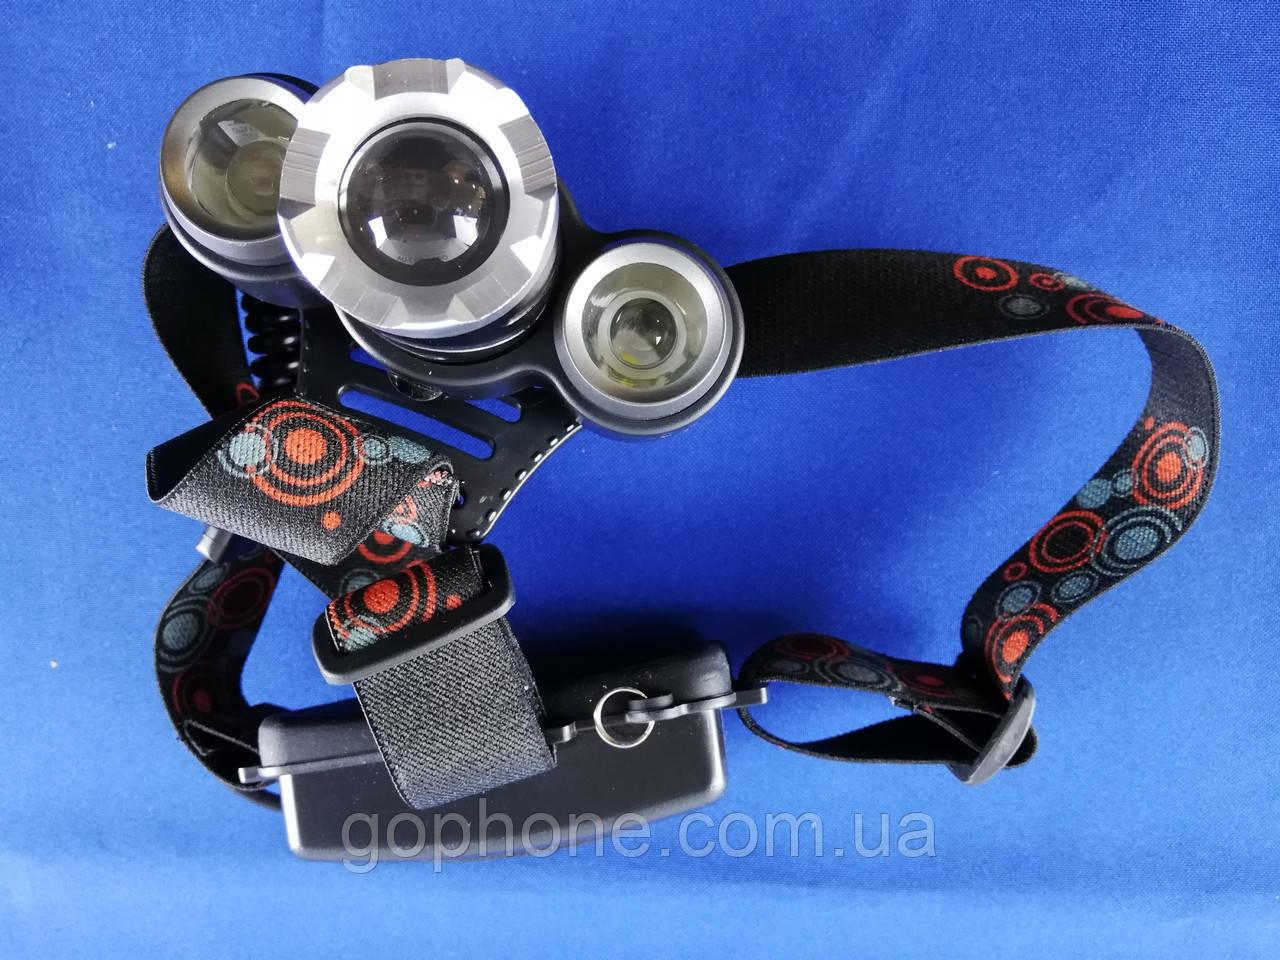 Налобный тактический фонарь Bailong BL-C863-T6